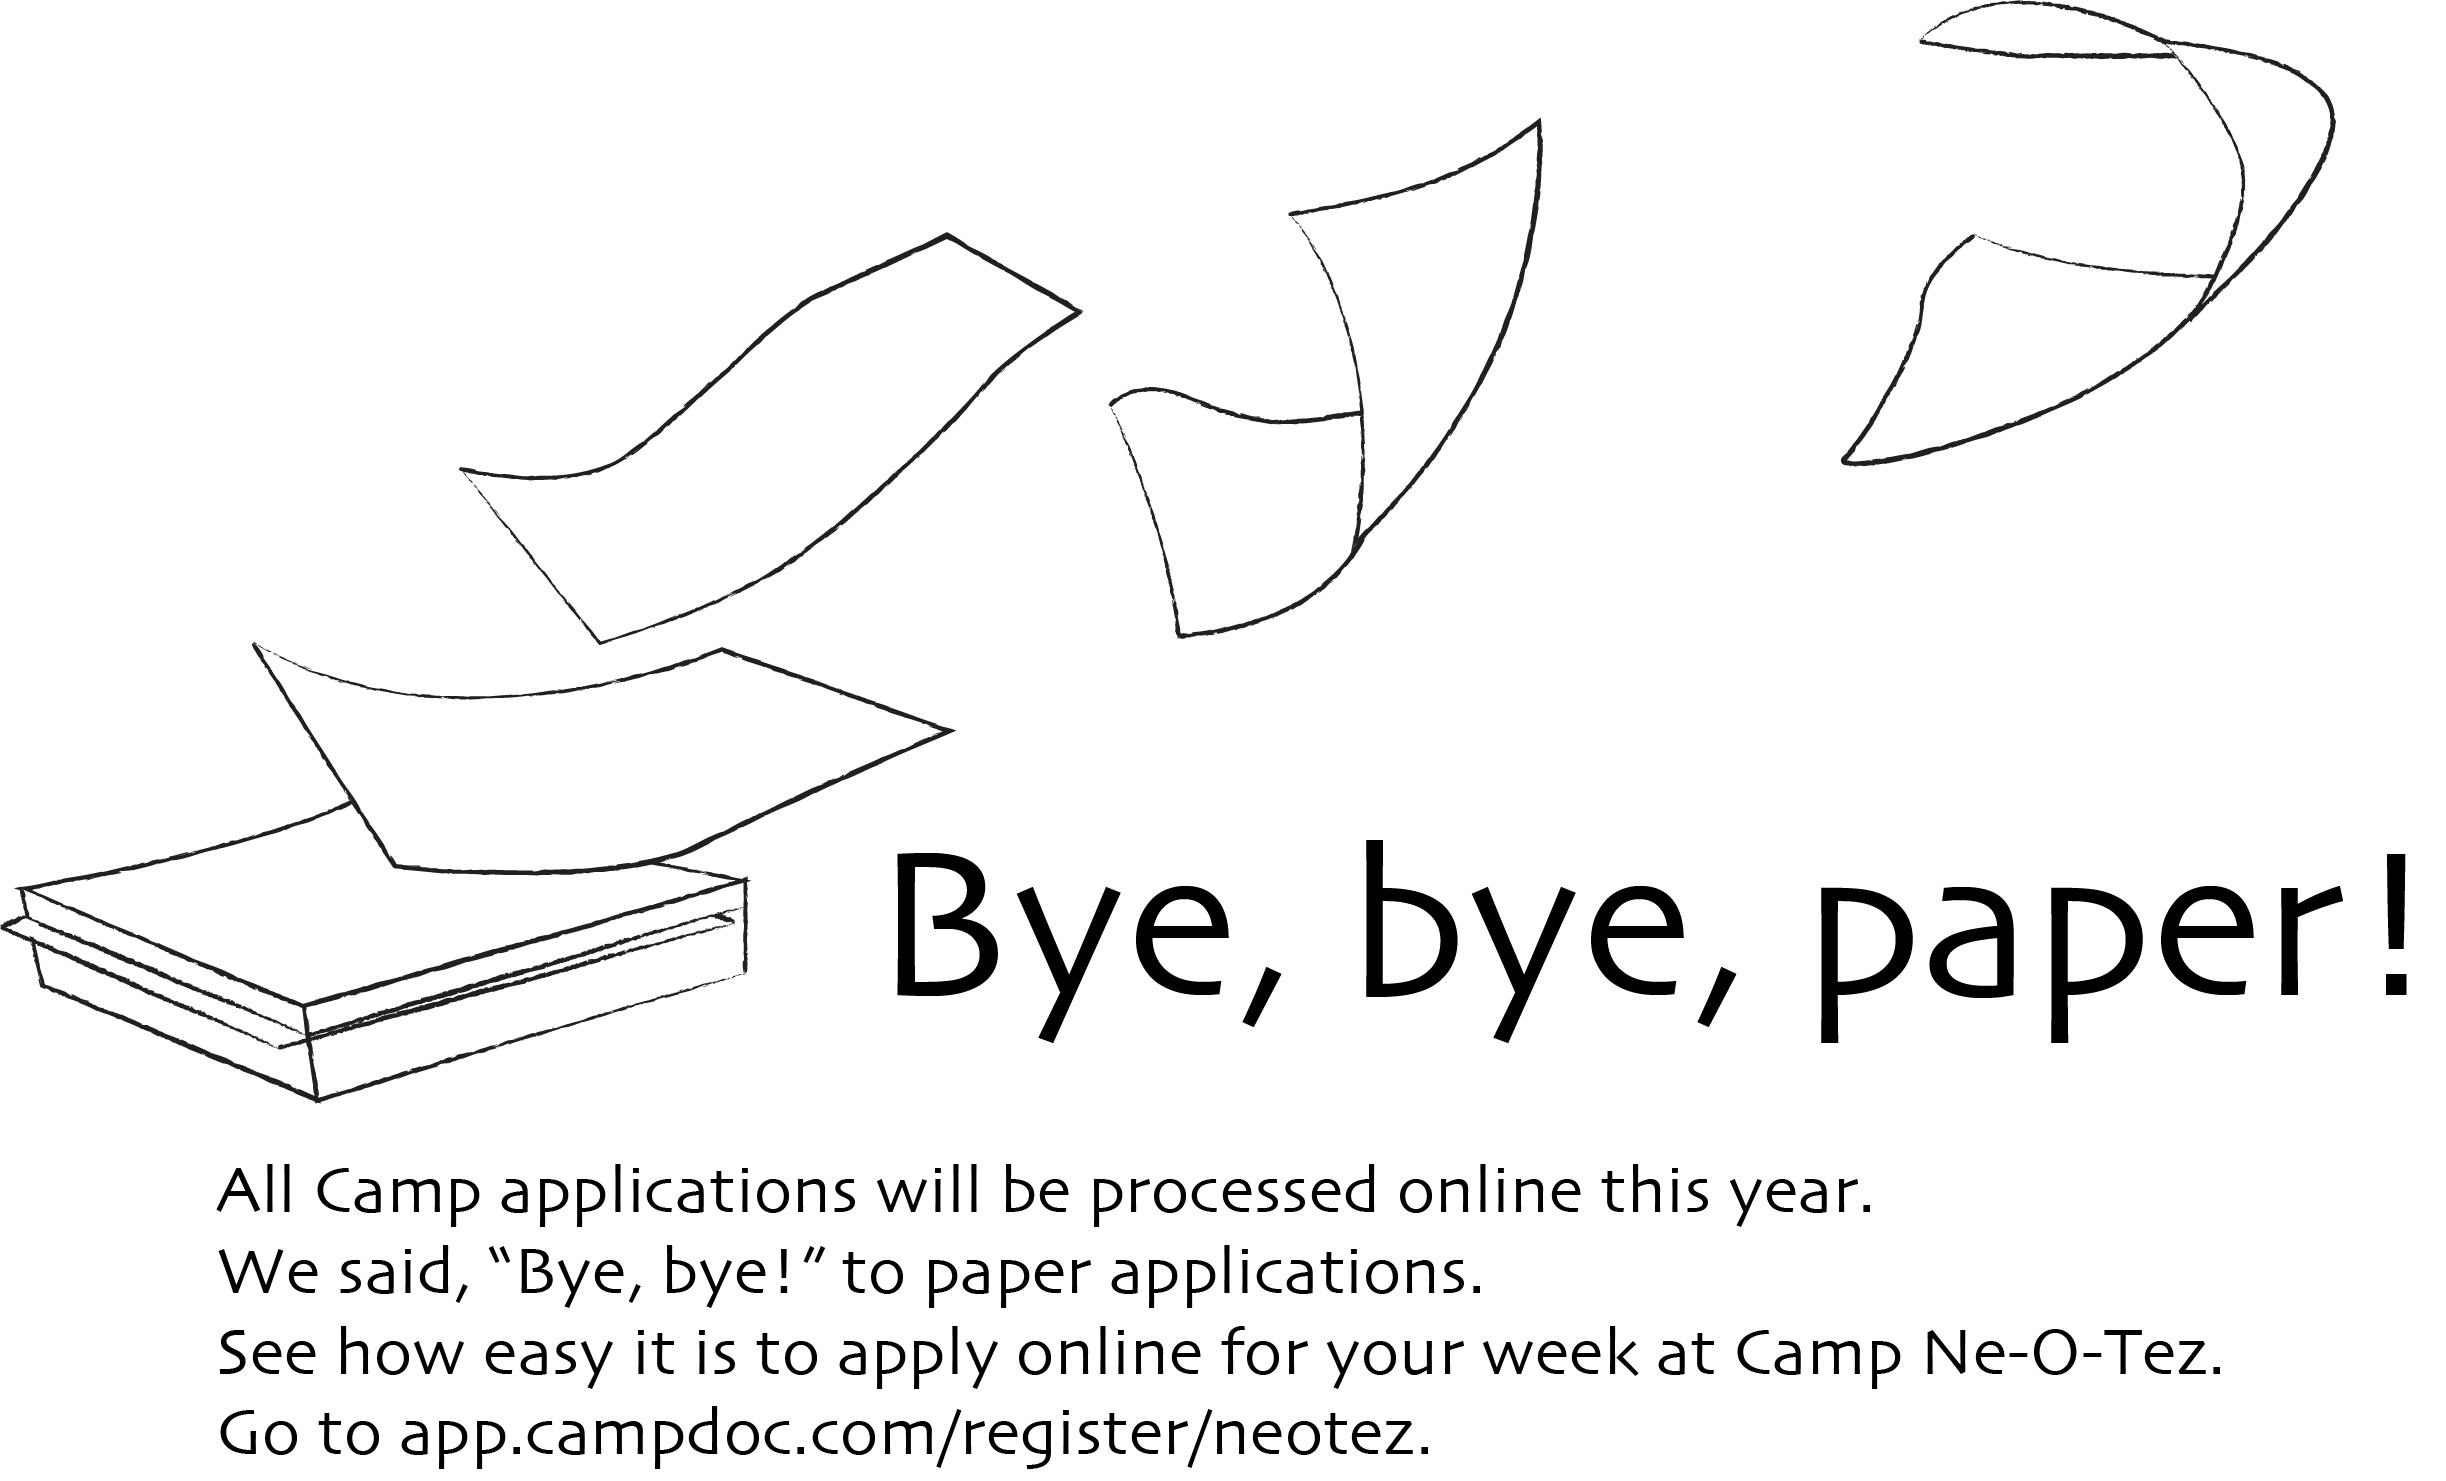 Bye, bye, paper!